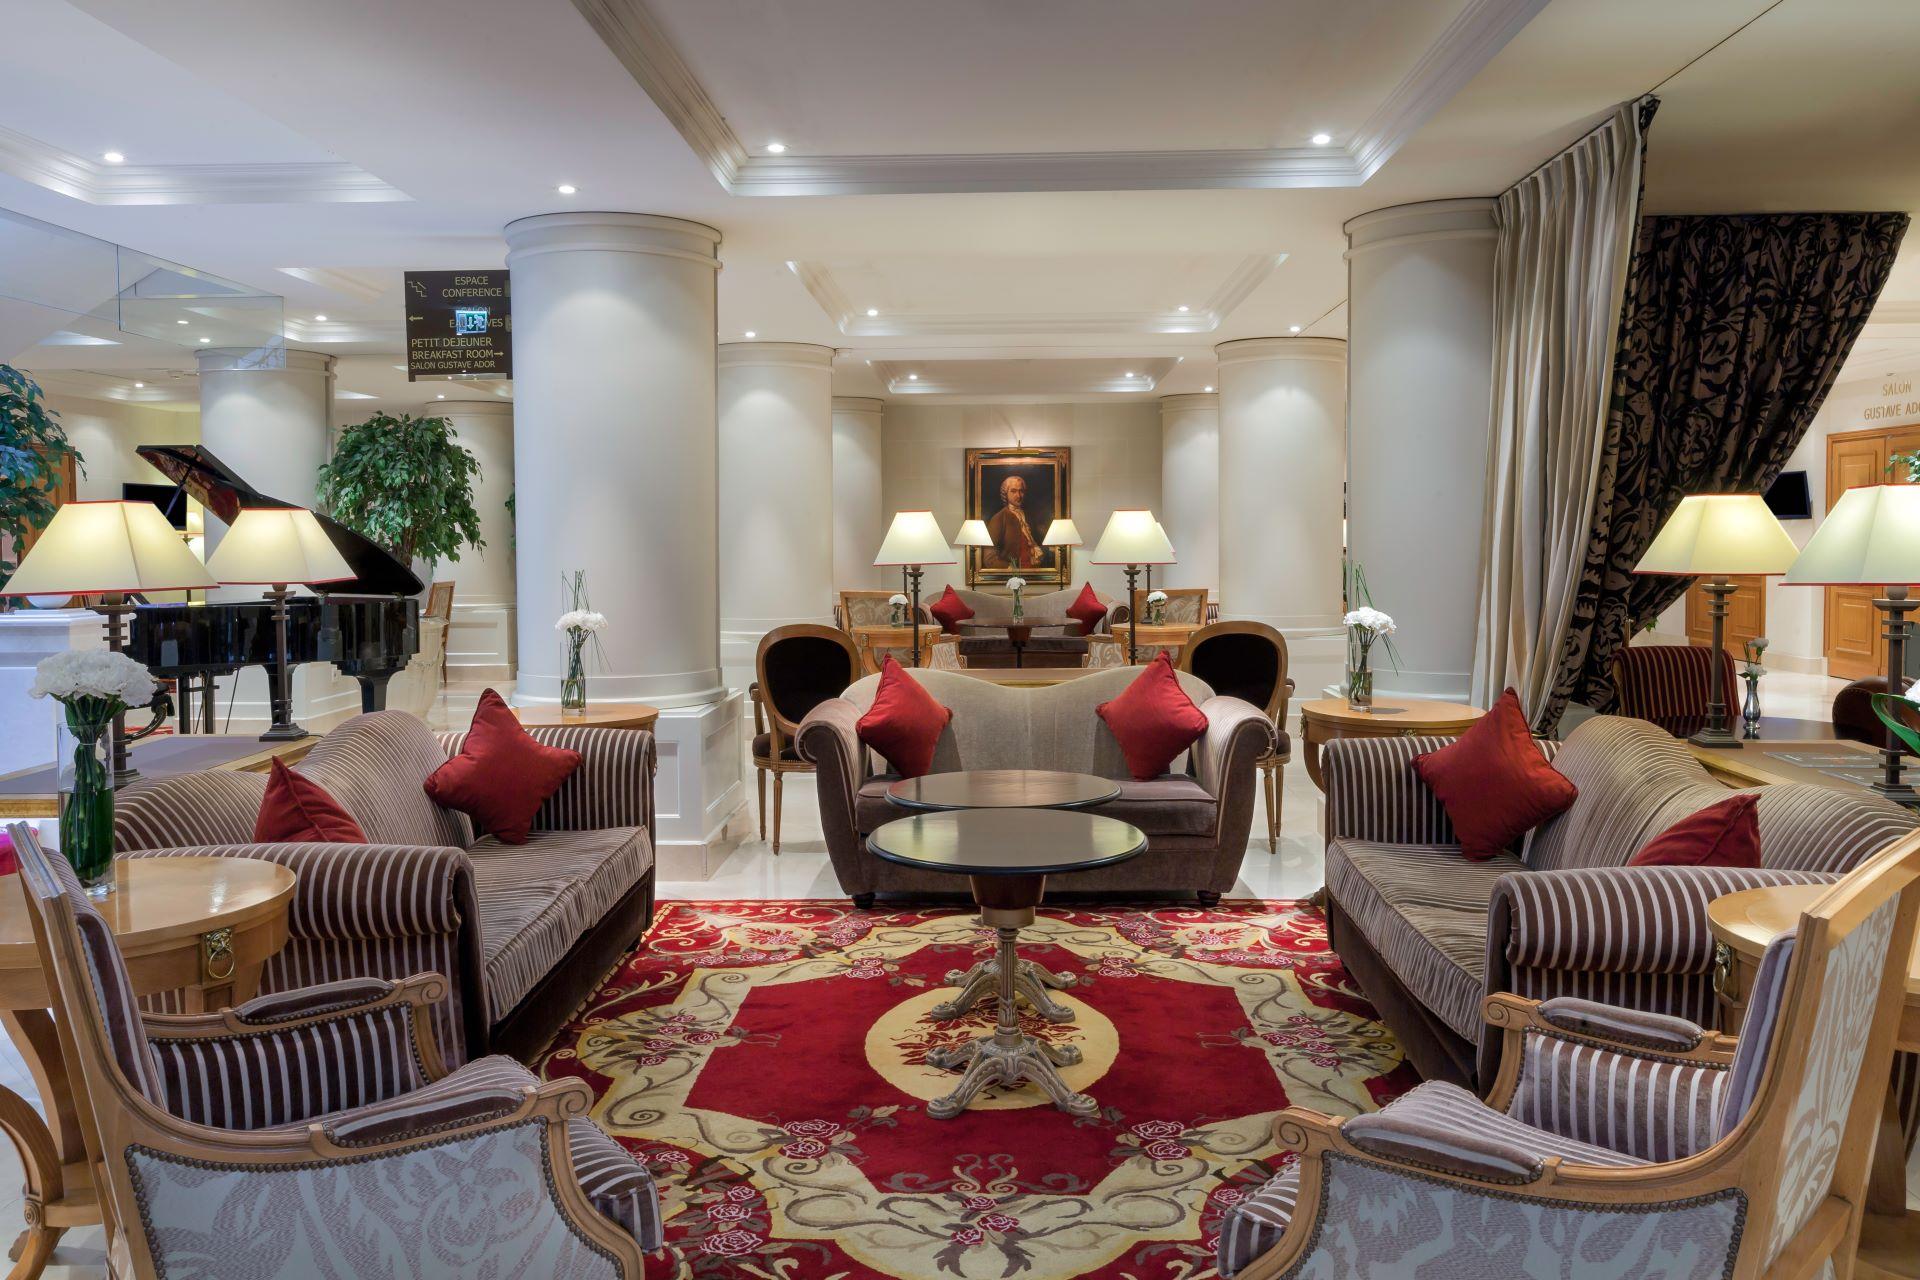 le-confort-dun-hotel-raffine-et-proche-de-la-gare-de-geneve